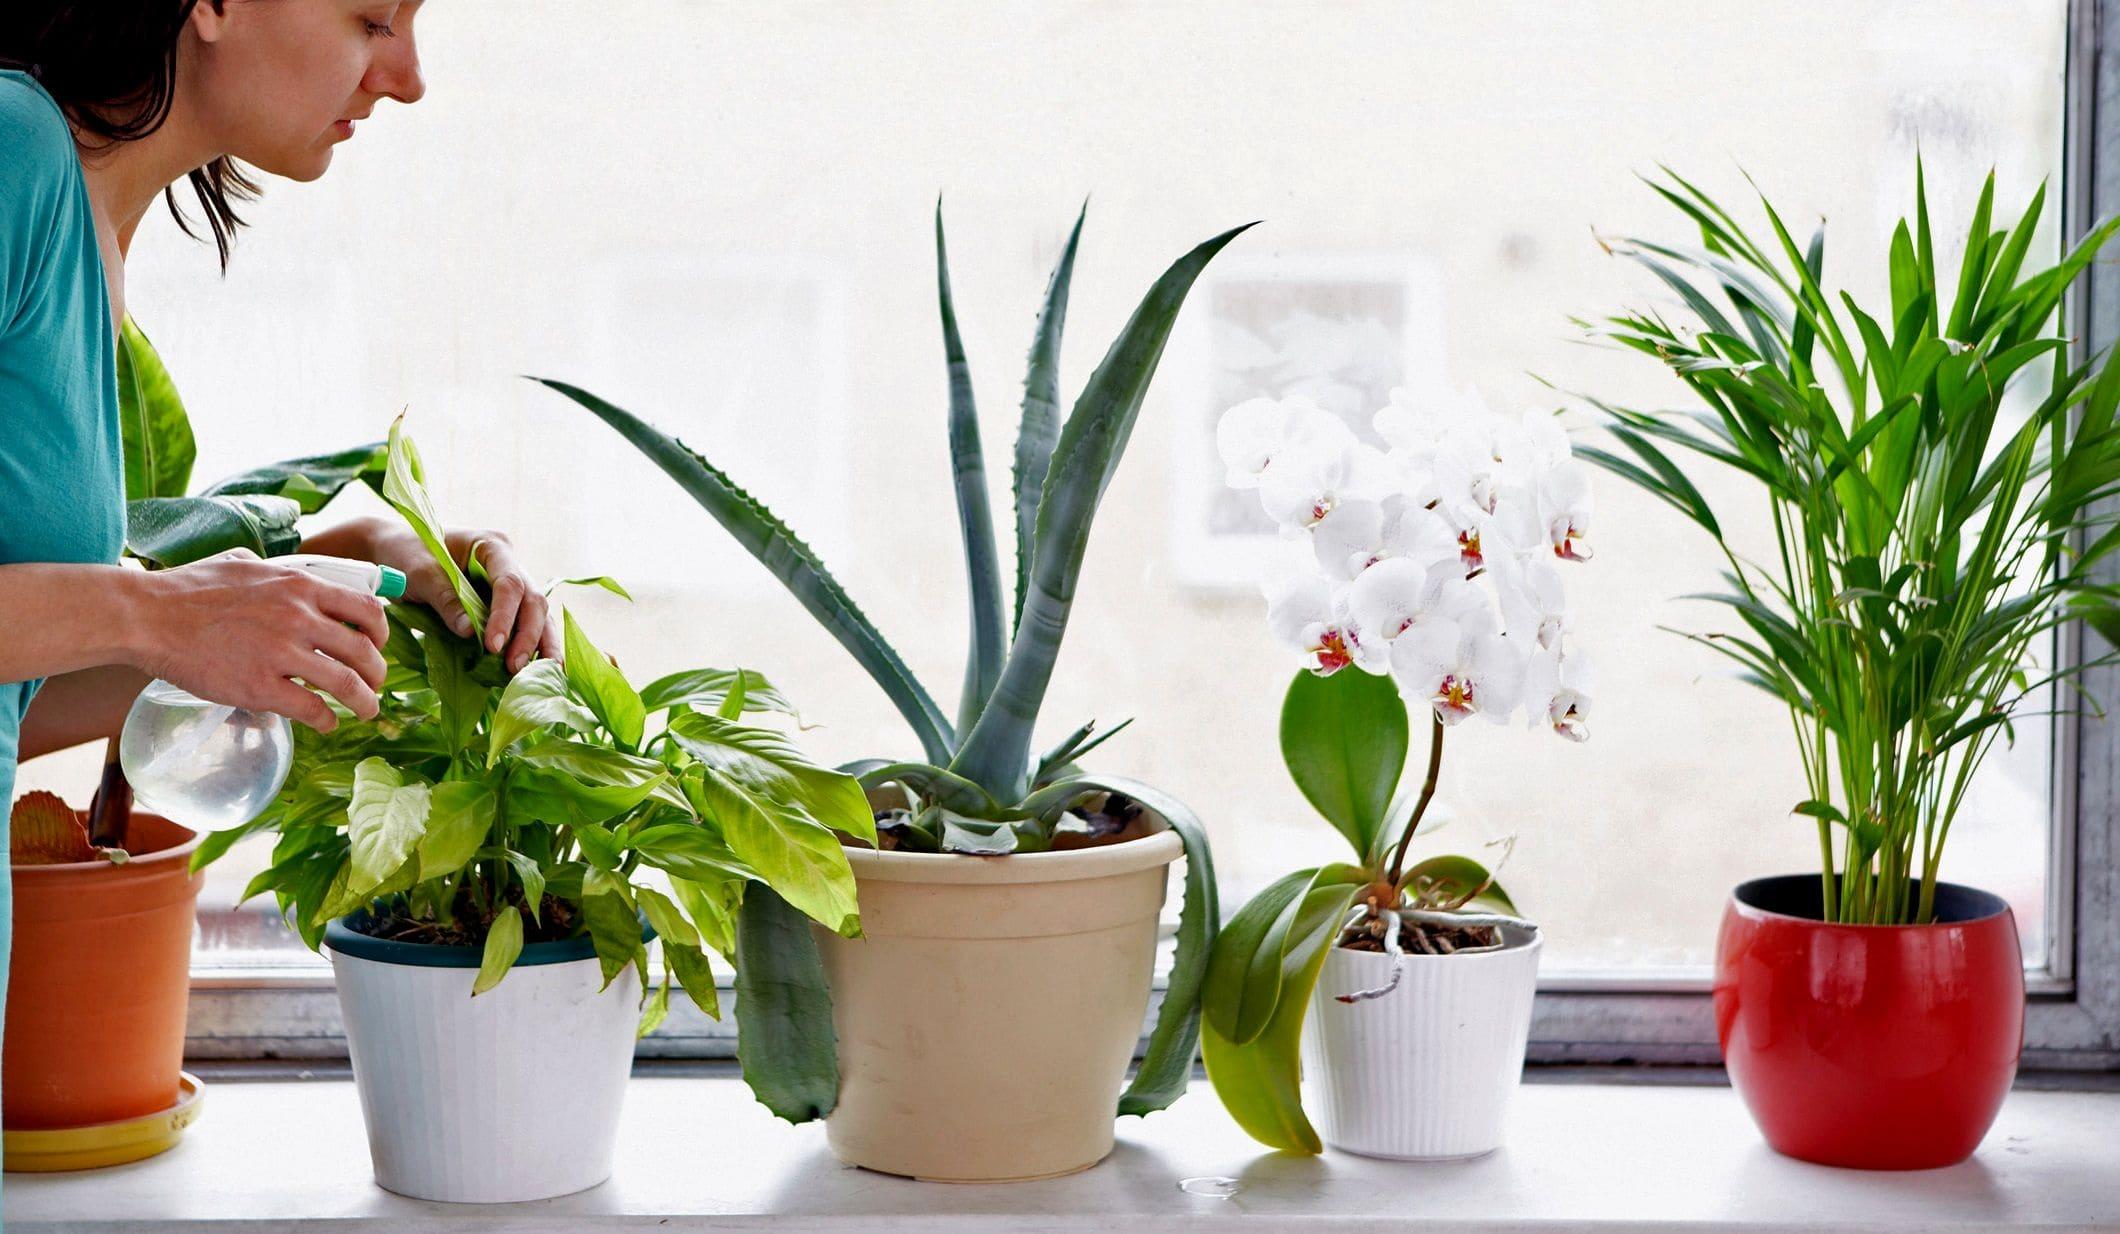 Домашние растения смогут следить за чистотой воздуха в квартире